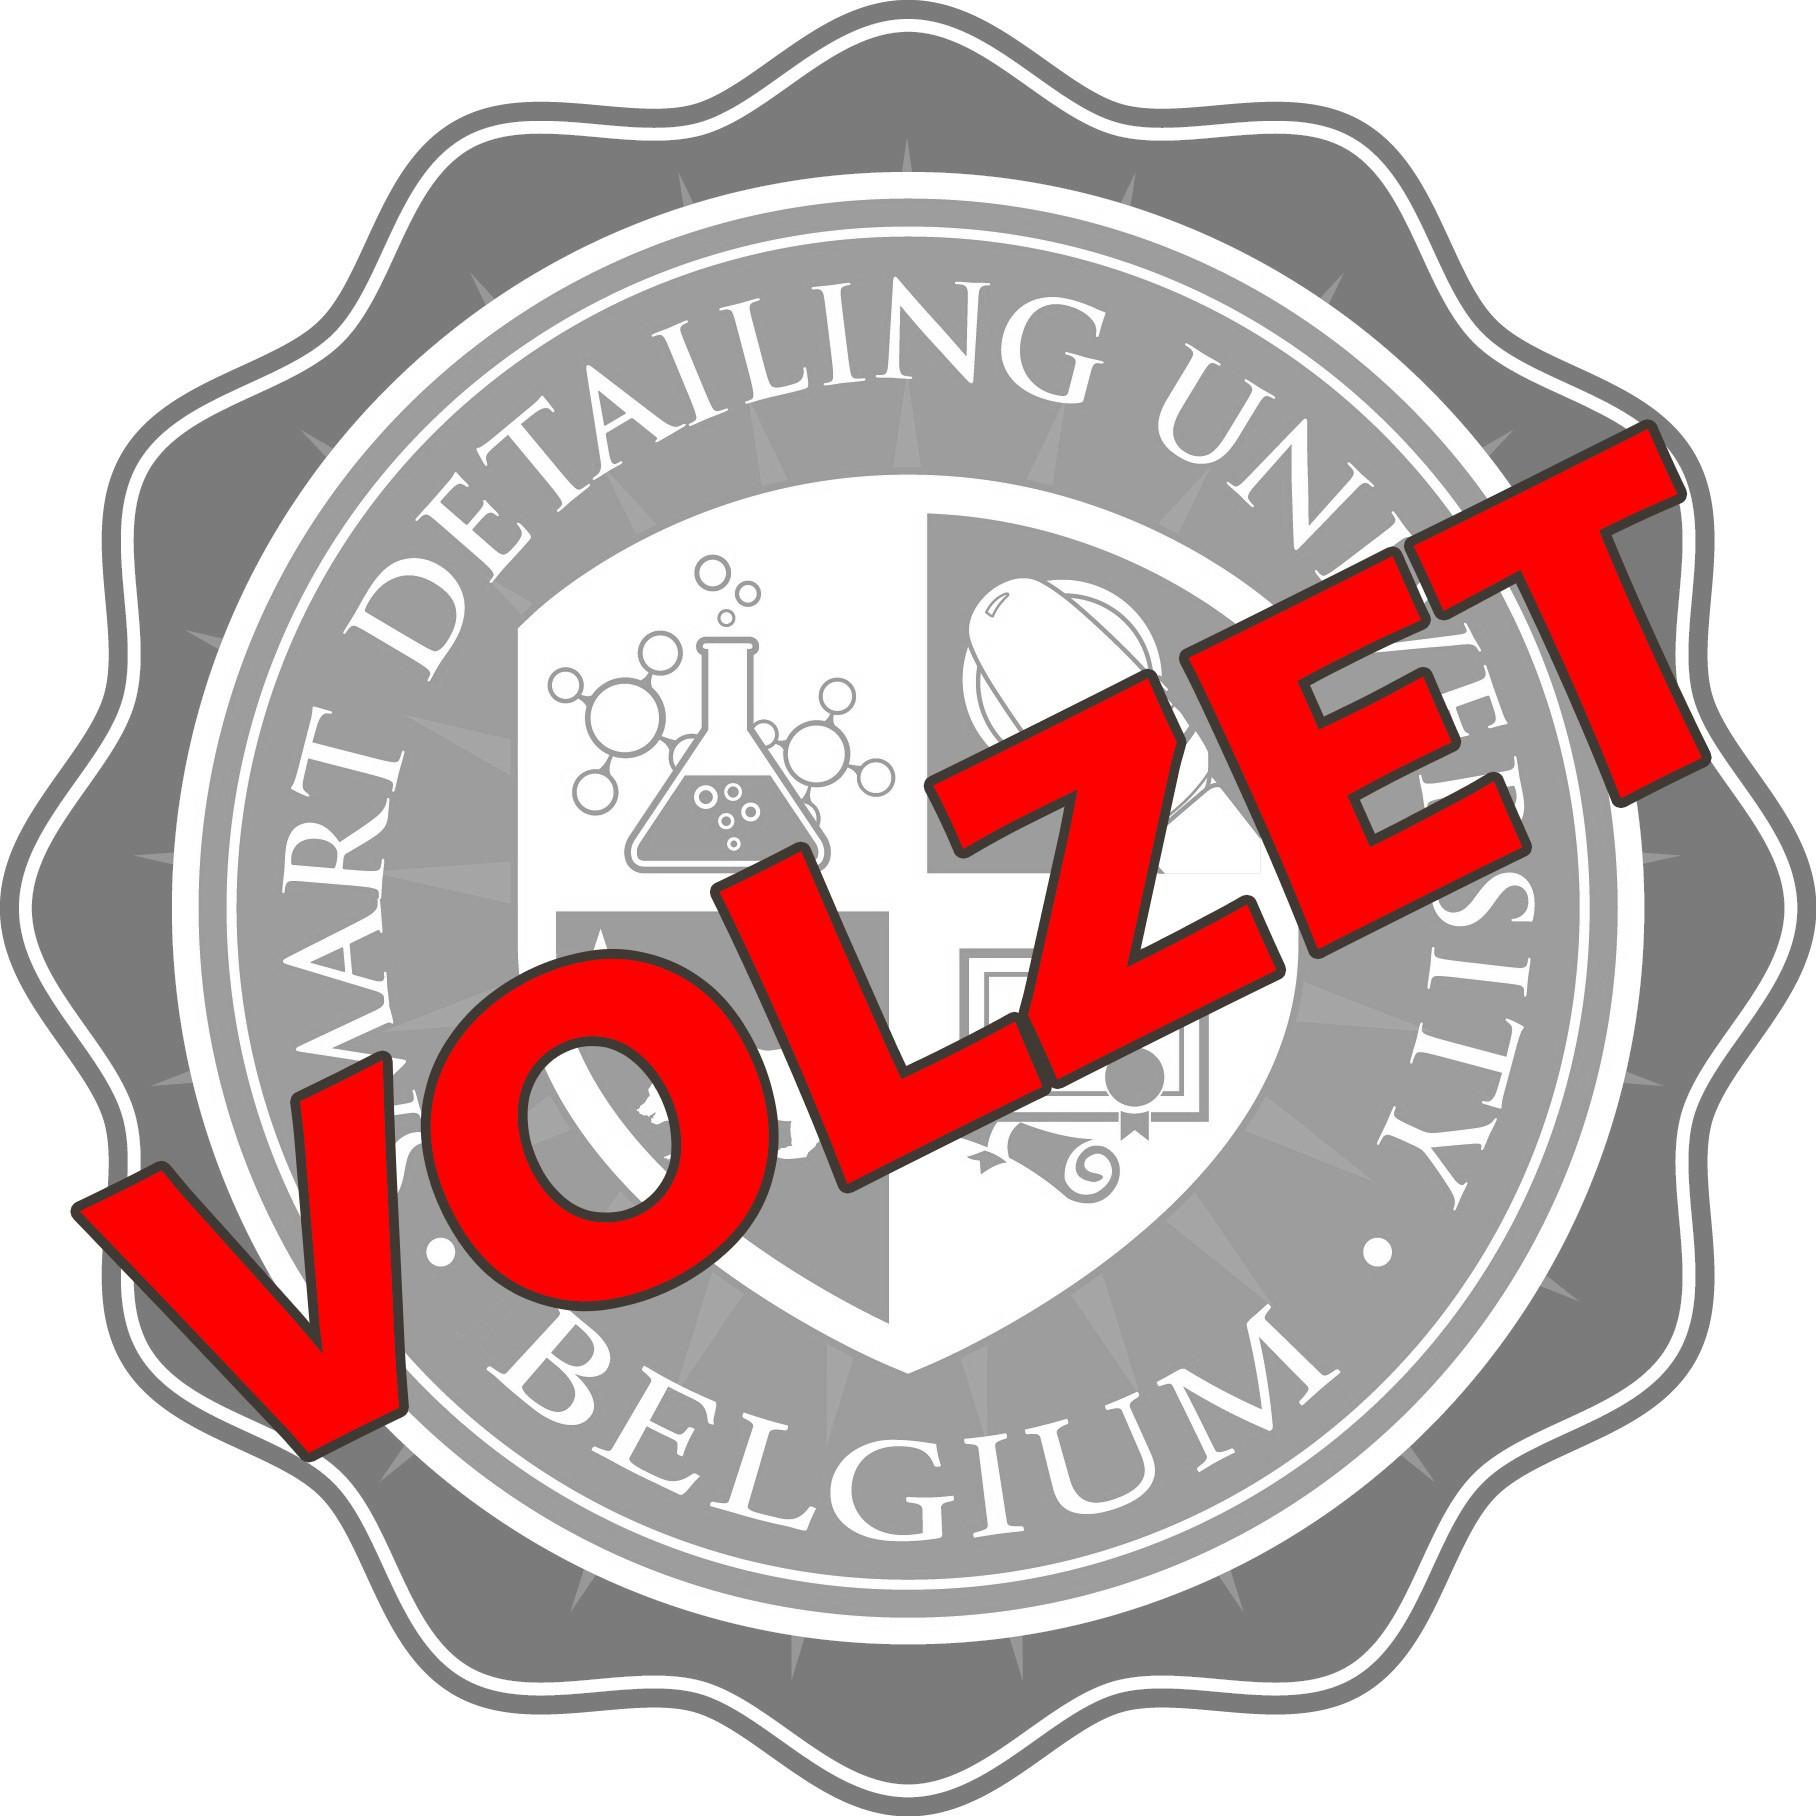 CG BELGIUM SDU - DETAILING ESSENTIALS - 20-04-2019